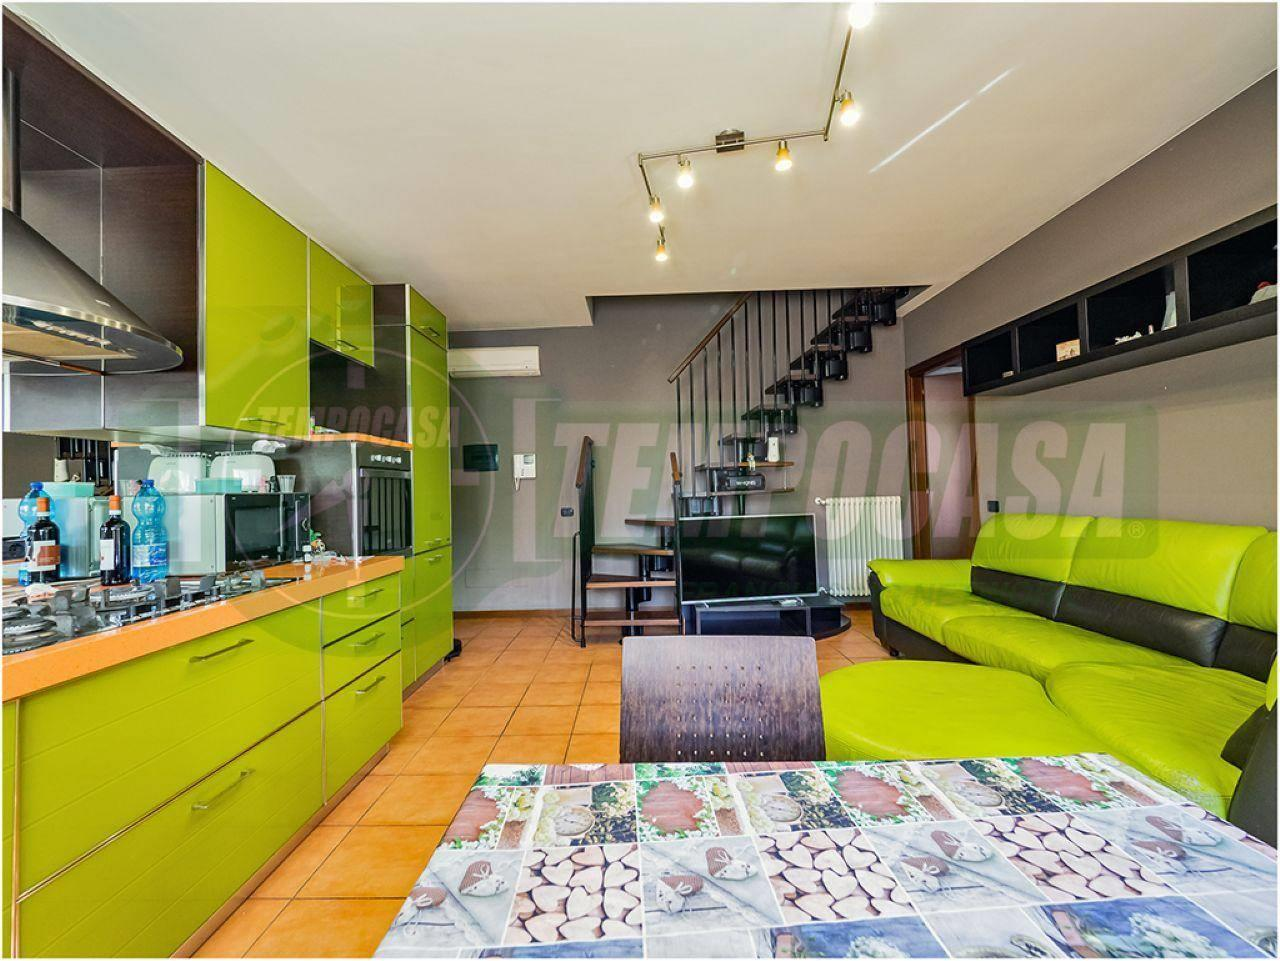 Foto 5 - Appartamento in Vendita - Cesano Maderno (Monza e Brianza)